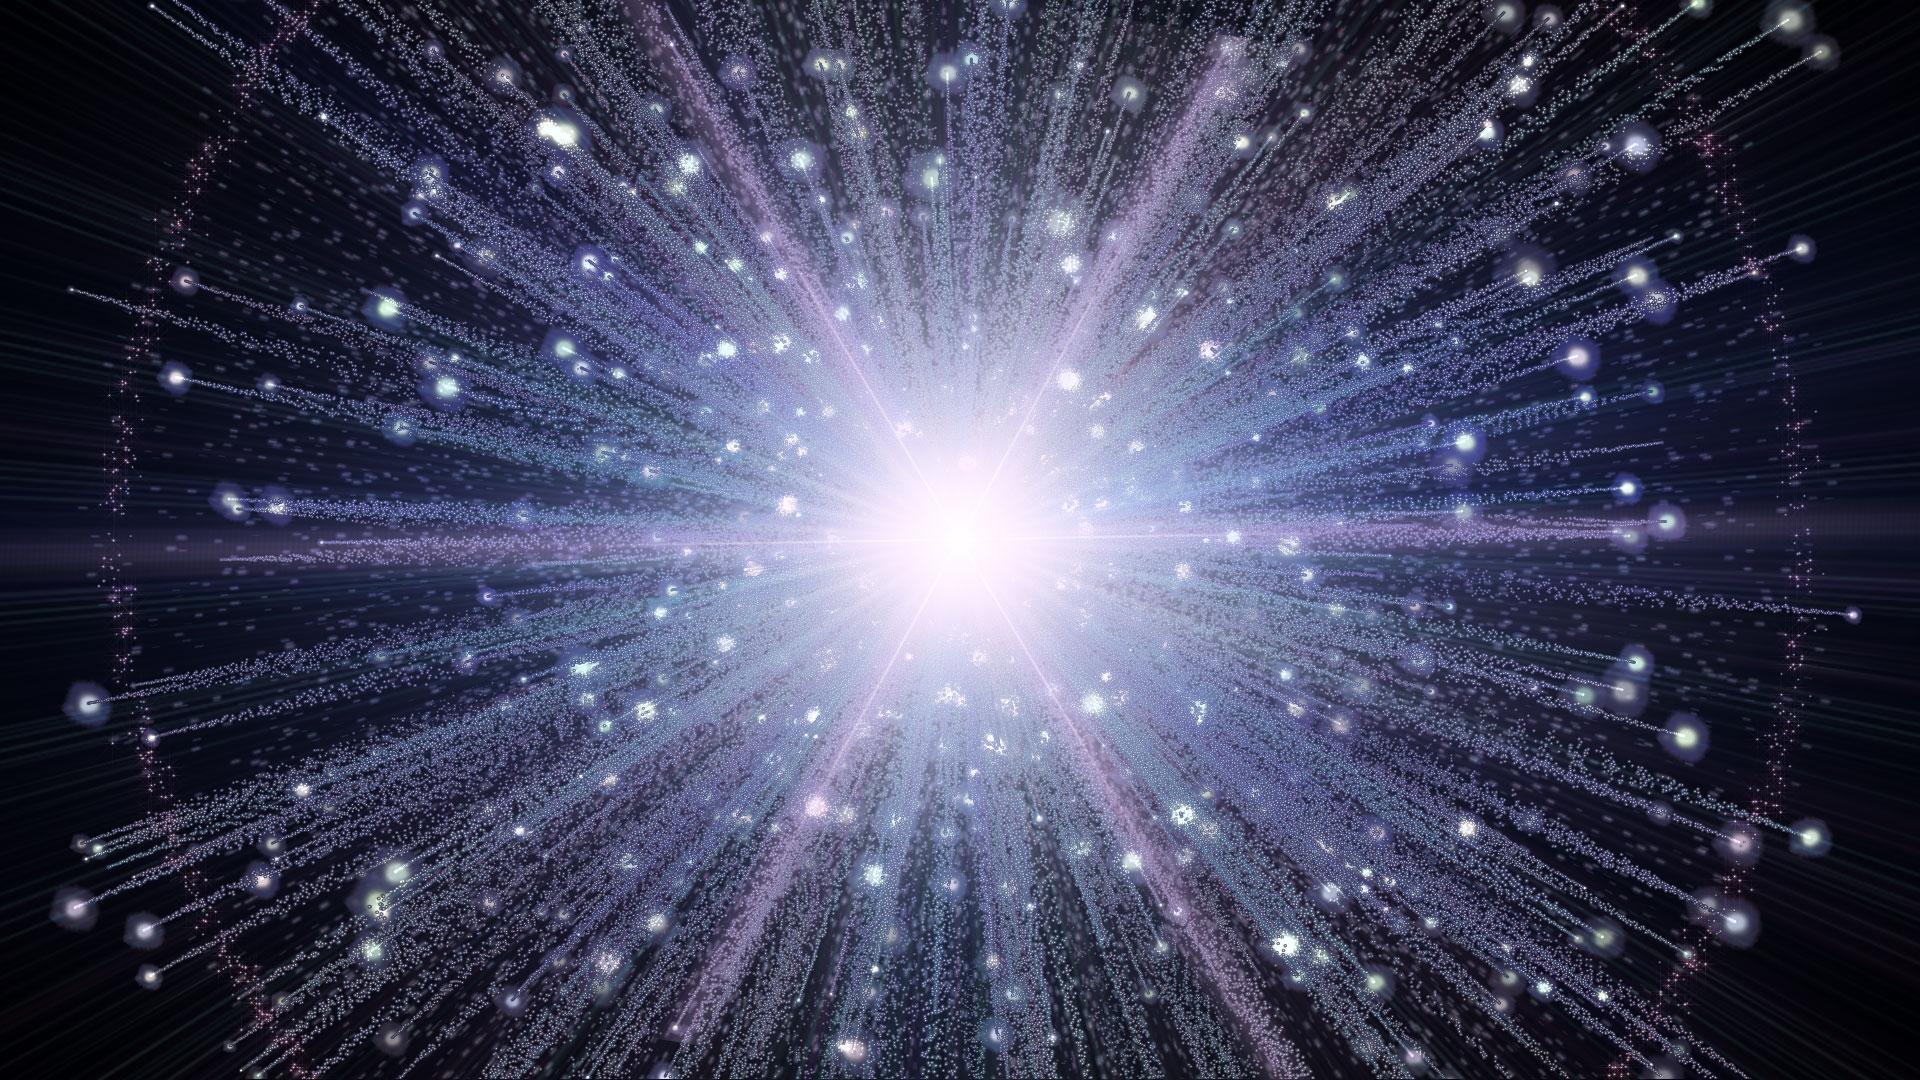 Science_Theory_Space_big_bang